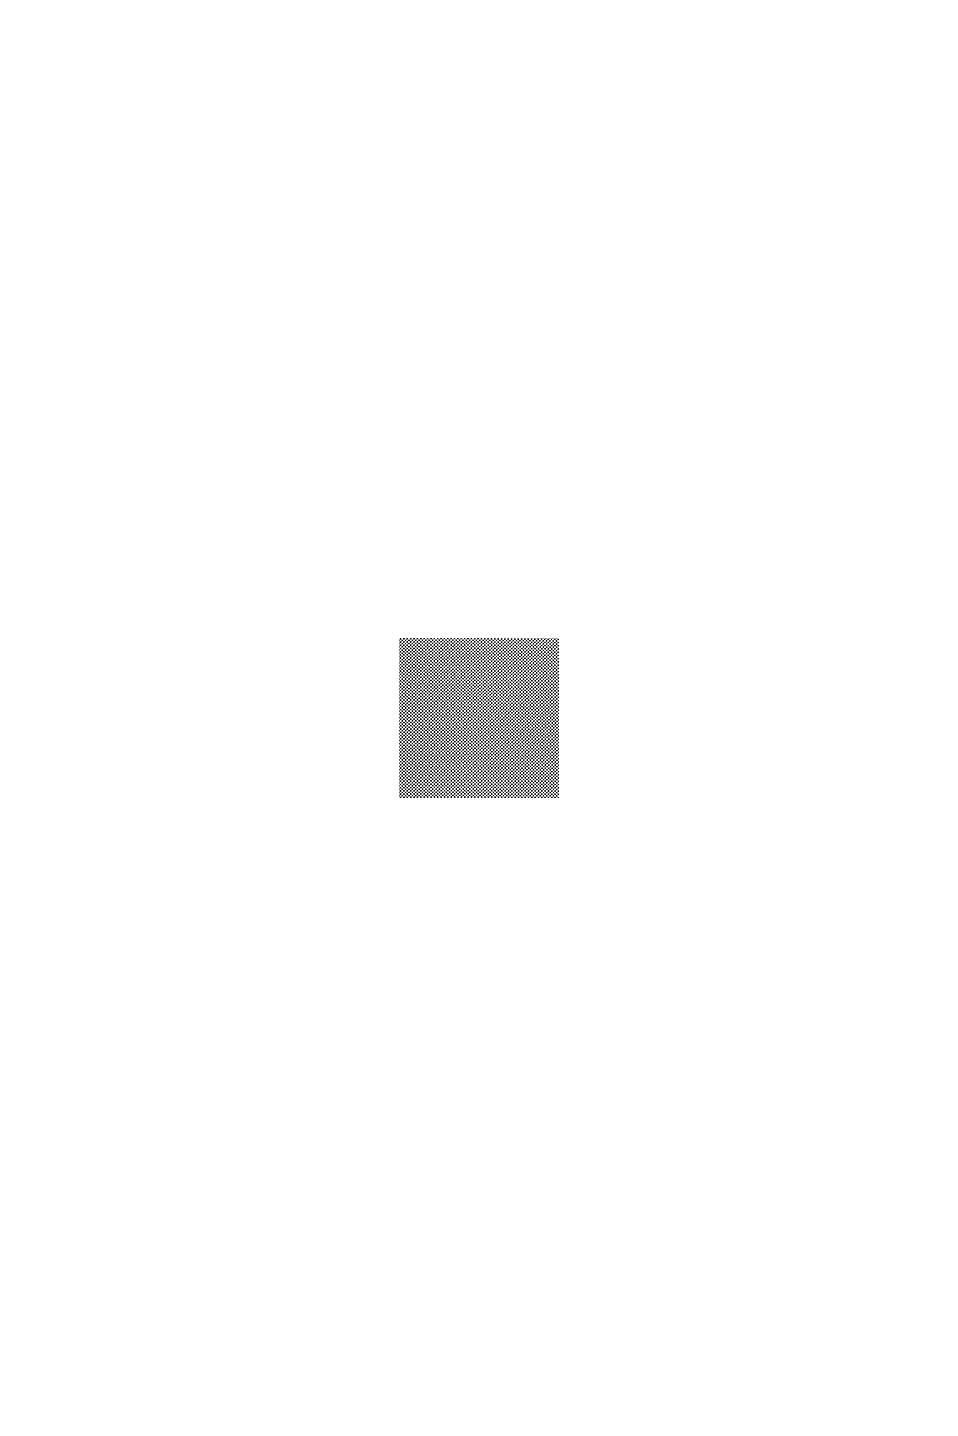 Kurzflor-Teppich für Indoor und Outdoor, BLACK MEDIUM WASHED, swatch